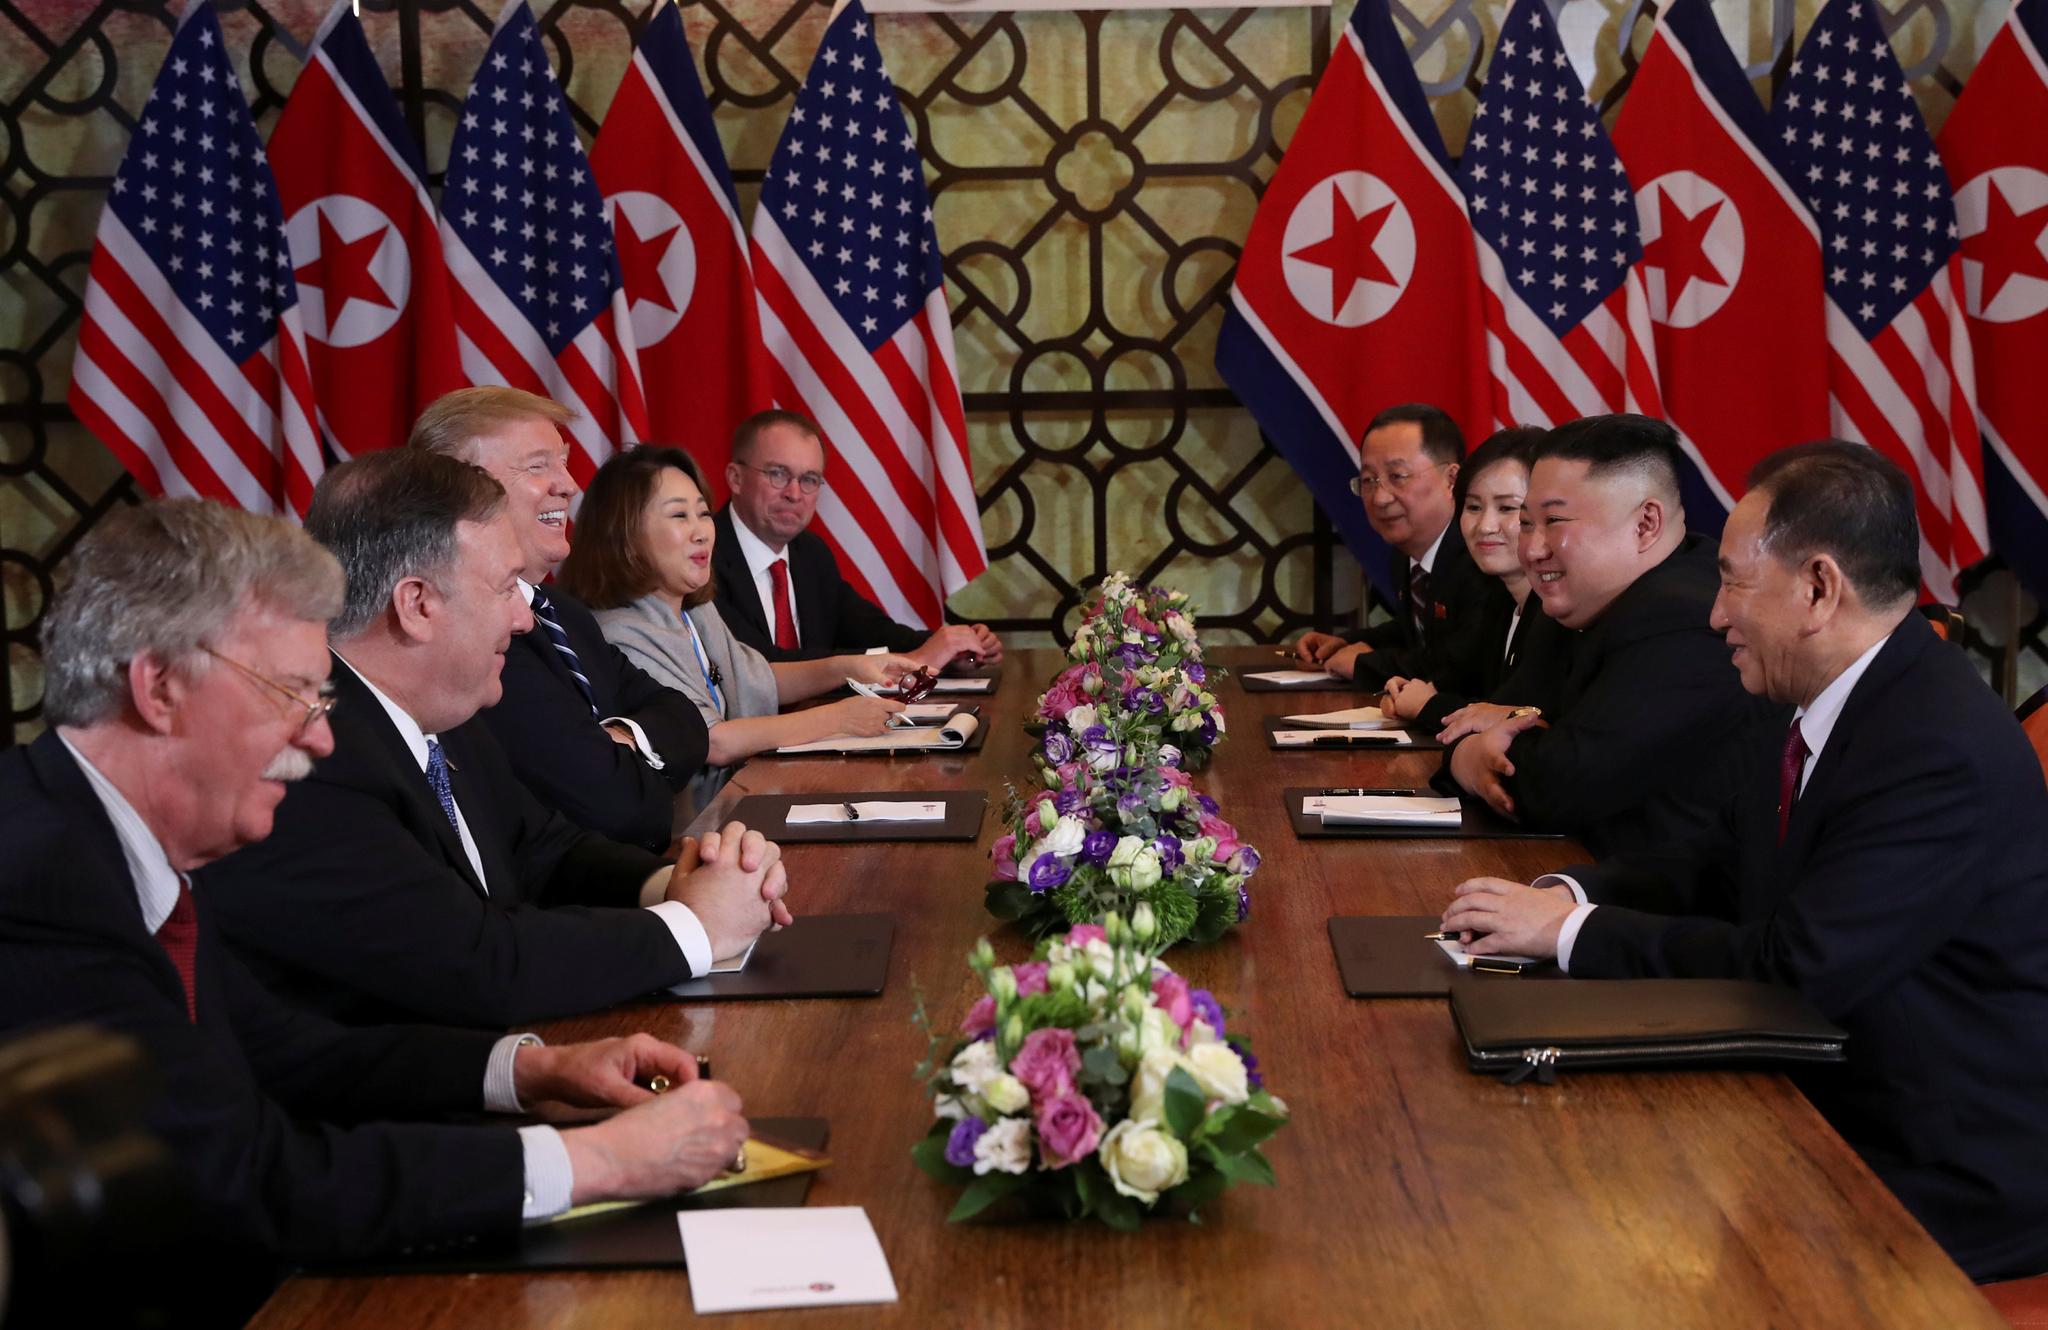 28일 양 정상과 배석자들이 확대 정상회담을 하고 있다. 이 회담이 끝나고 이어질 예정이었던 공동서명식과 업무오찬이 갑자기 취소되며 양측의 합의가 결렬되었다는 트럼프 대통령의 기자회견이 이어졌다. [EPA=연합뉴스]